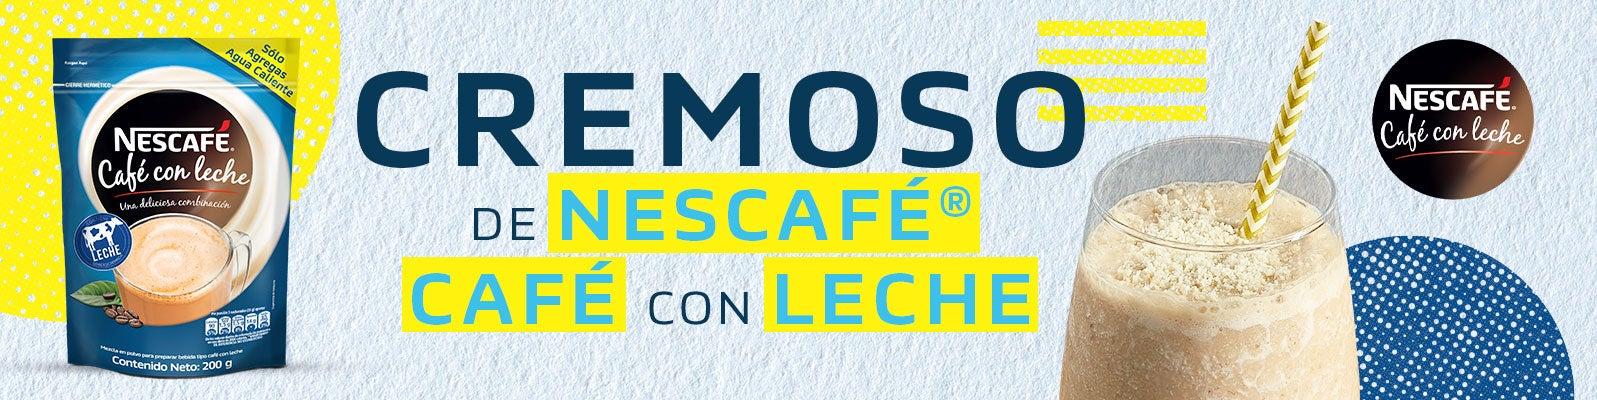 CREMOSO DE NESCAFÉ® CAFÉ CON LECHE